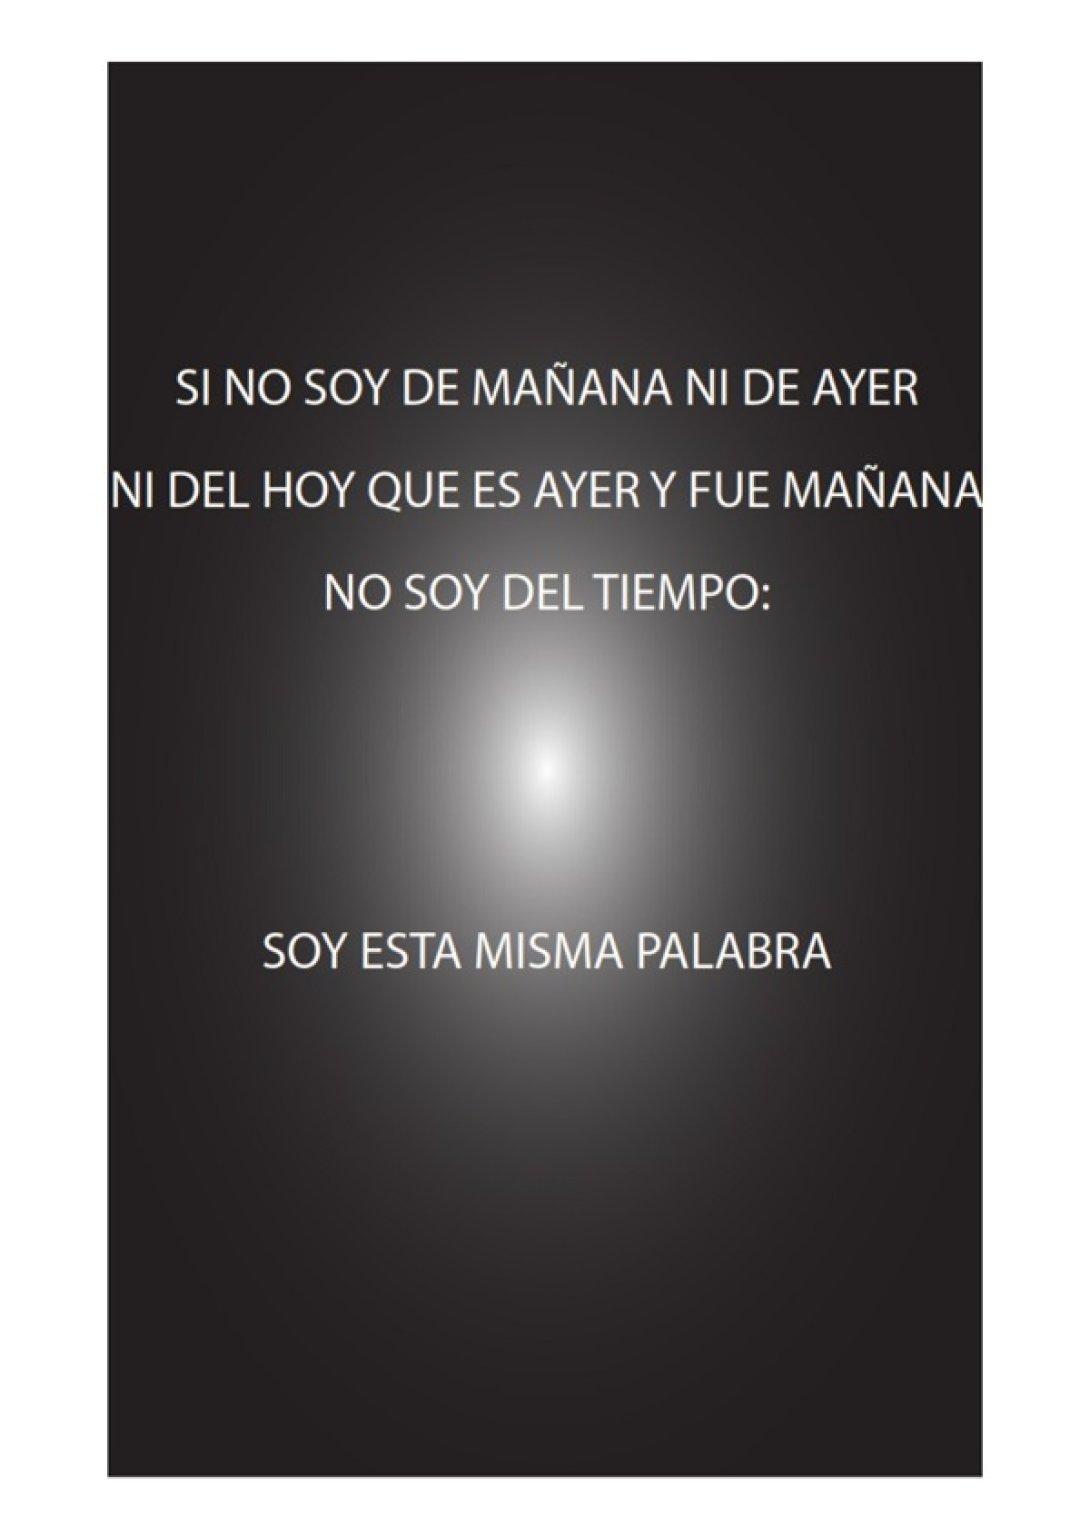 Poema visual de Almanza 6